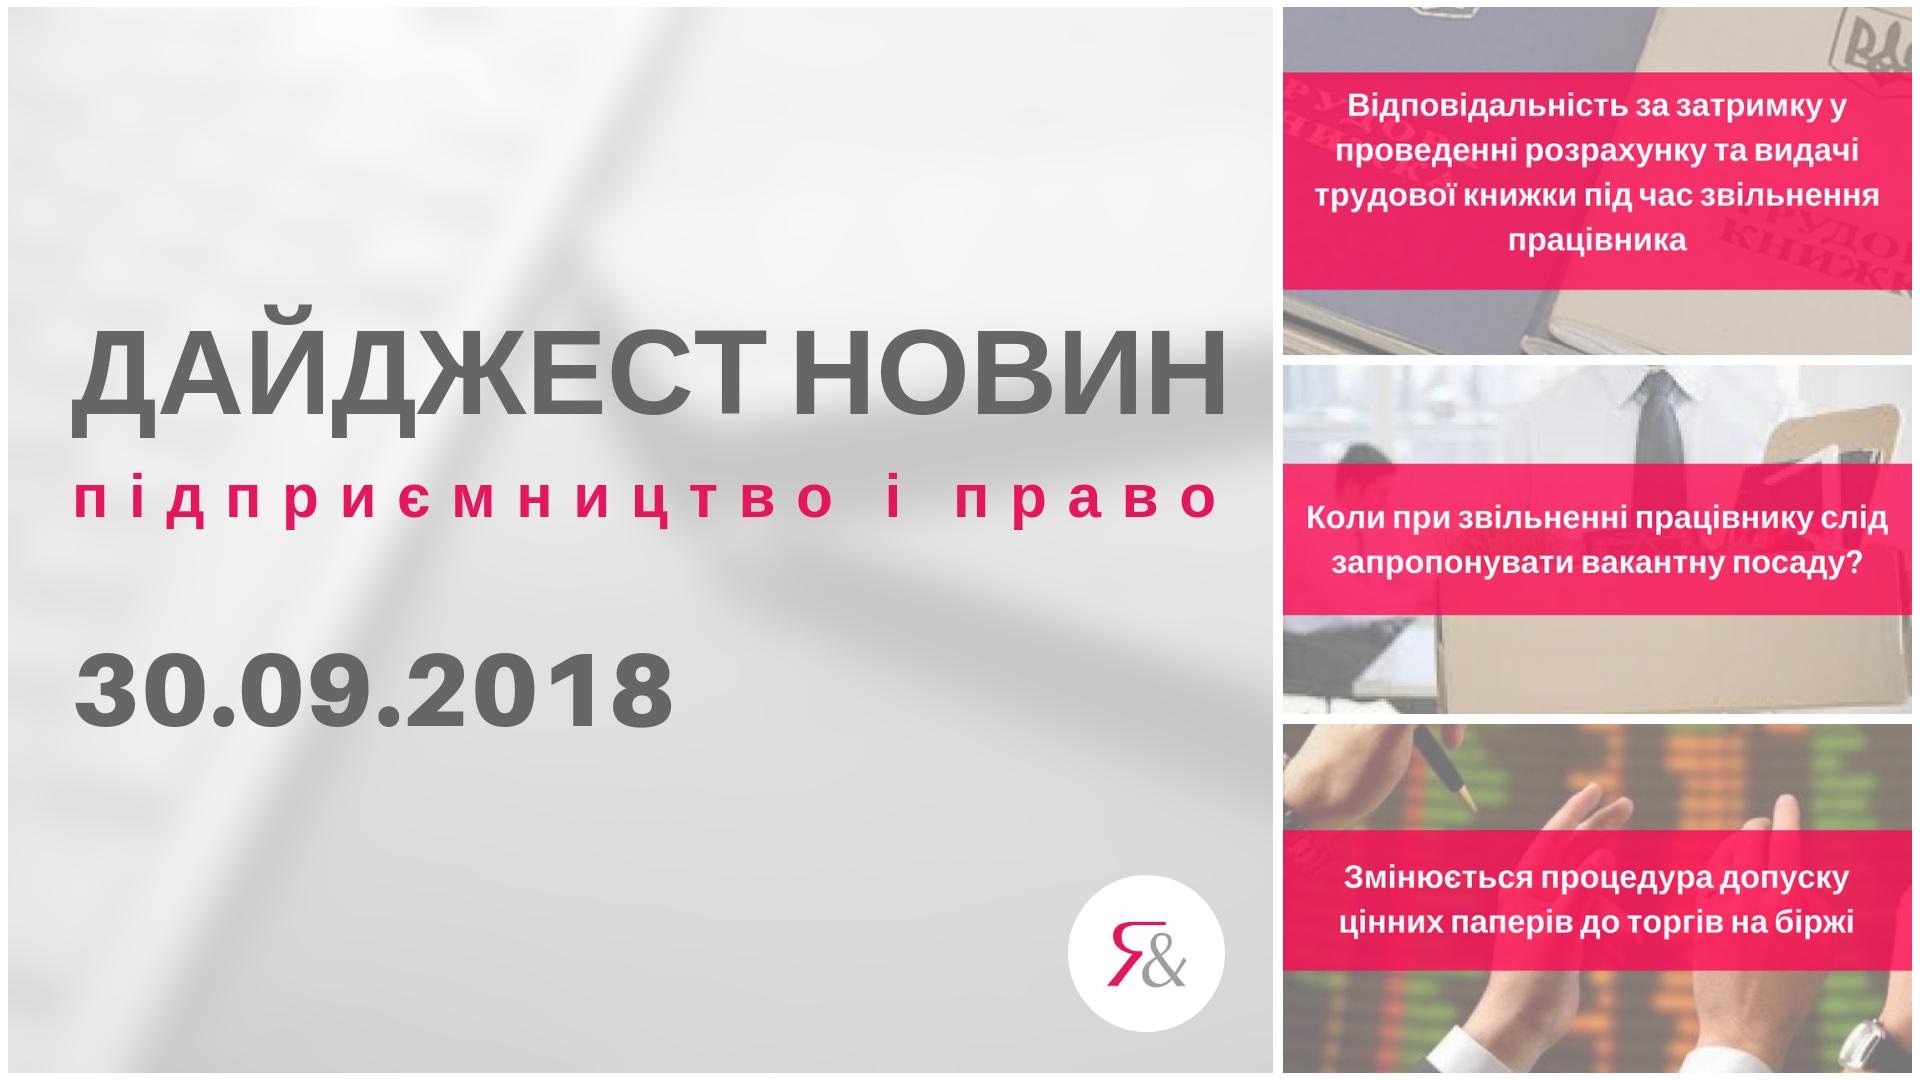 Дайджест нoвин «Підприємництво і право» з 24.09.2018 пo 30.09.2018